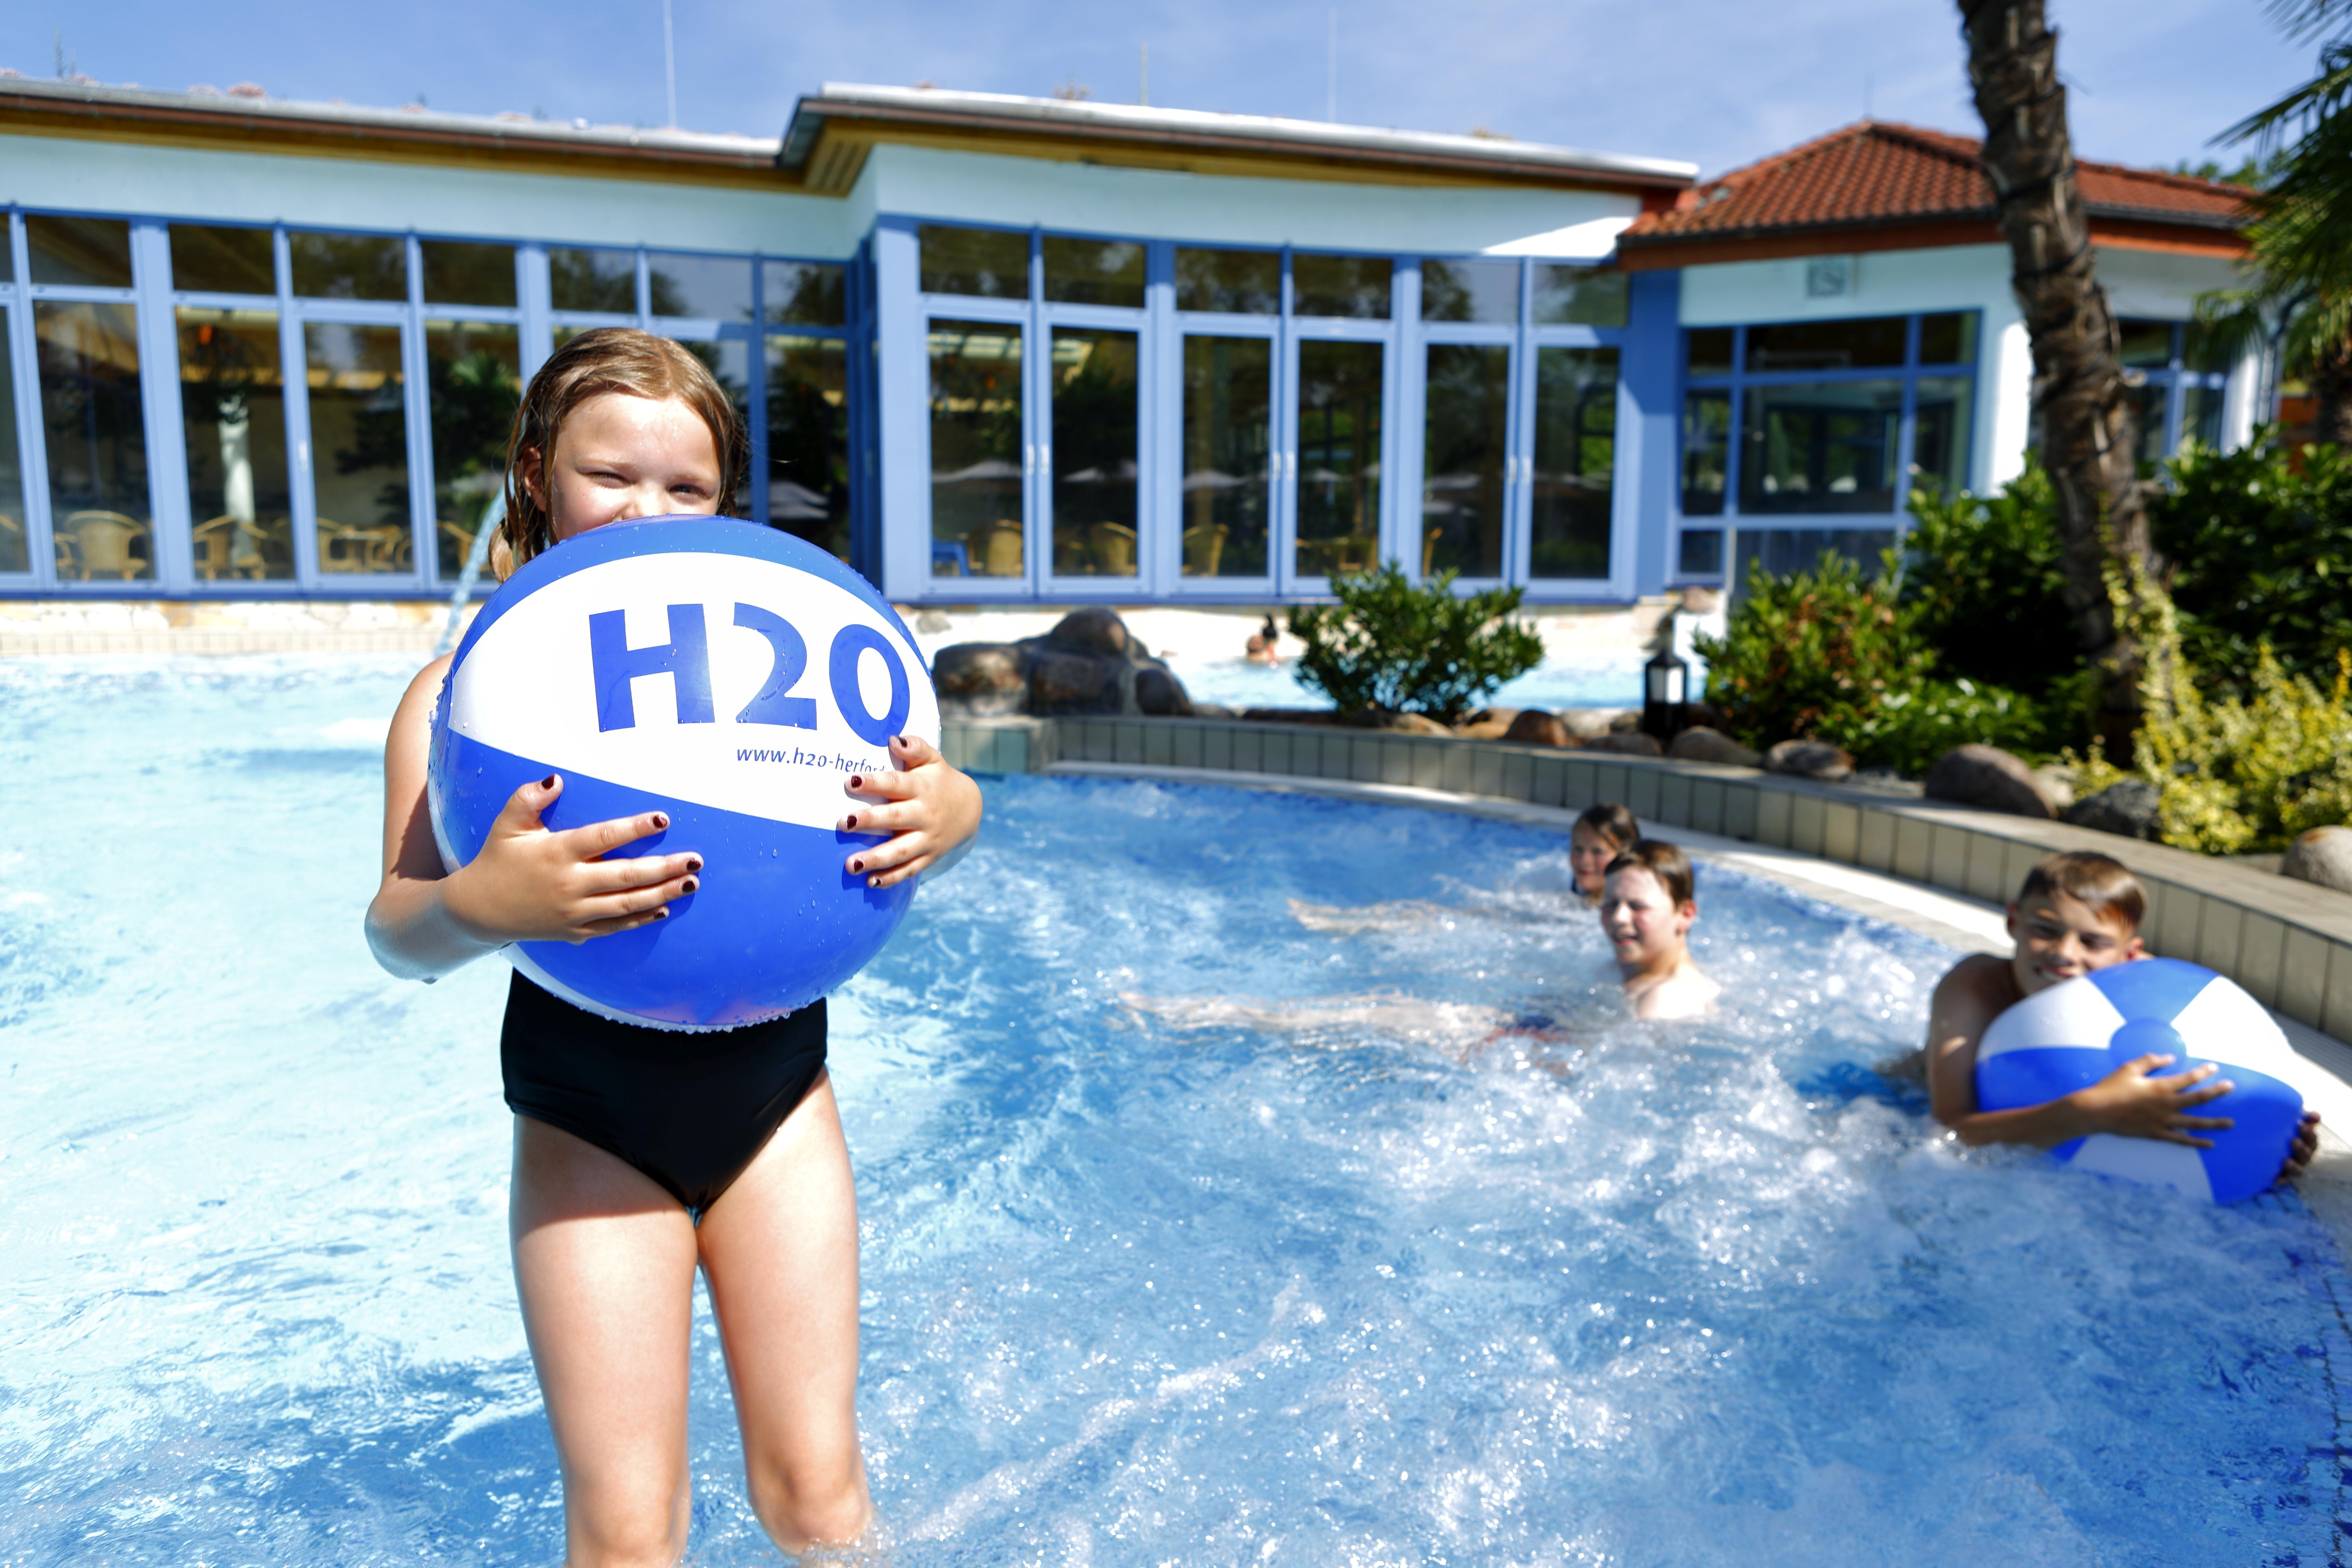 H2O Herford - Badespaß für die fanze Familie